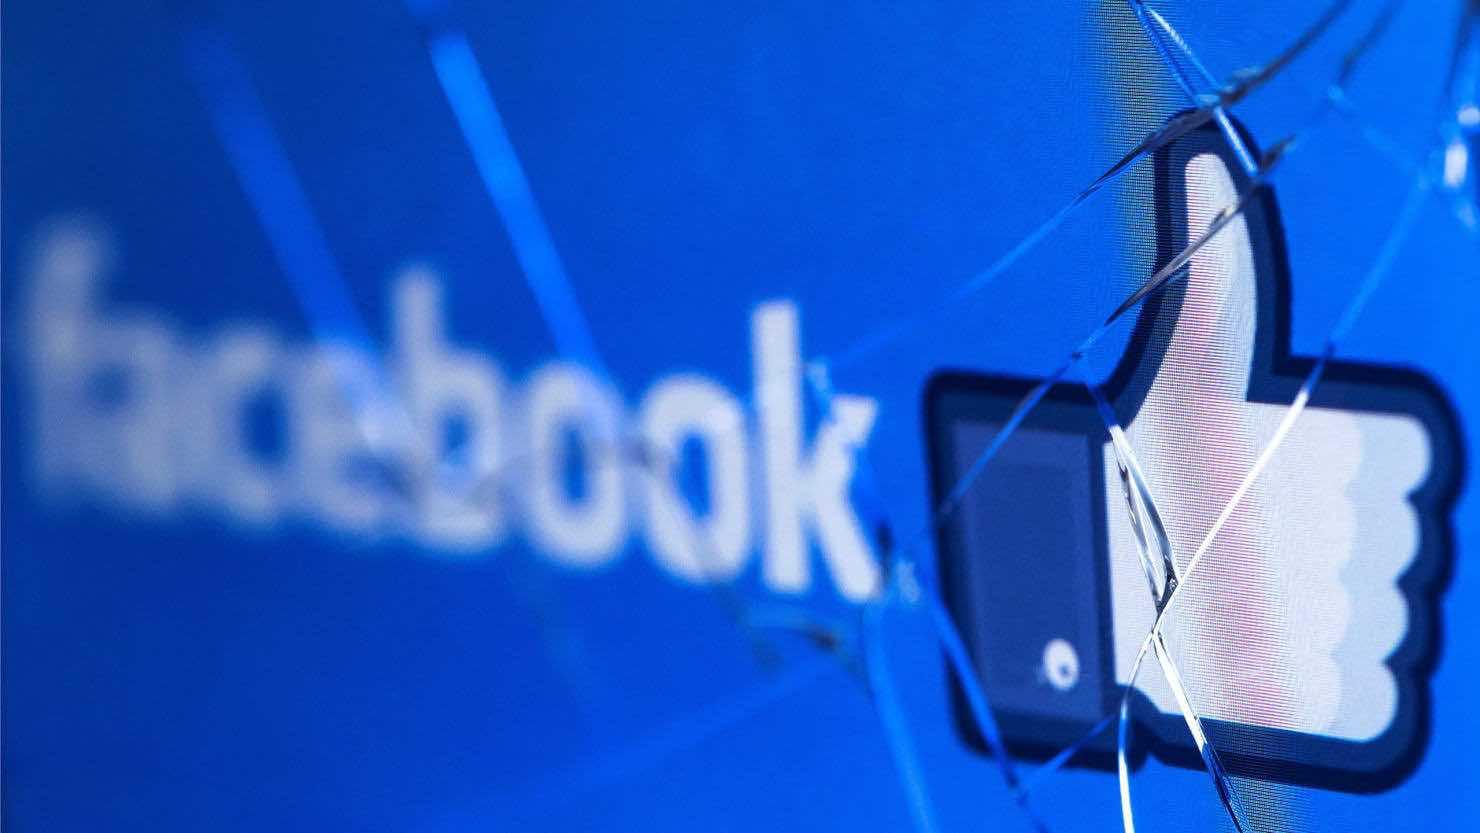 NÓNG: Hacker rao bán tin nhắn của 81000 tài khoản Facebook